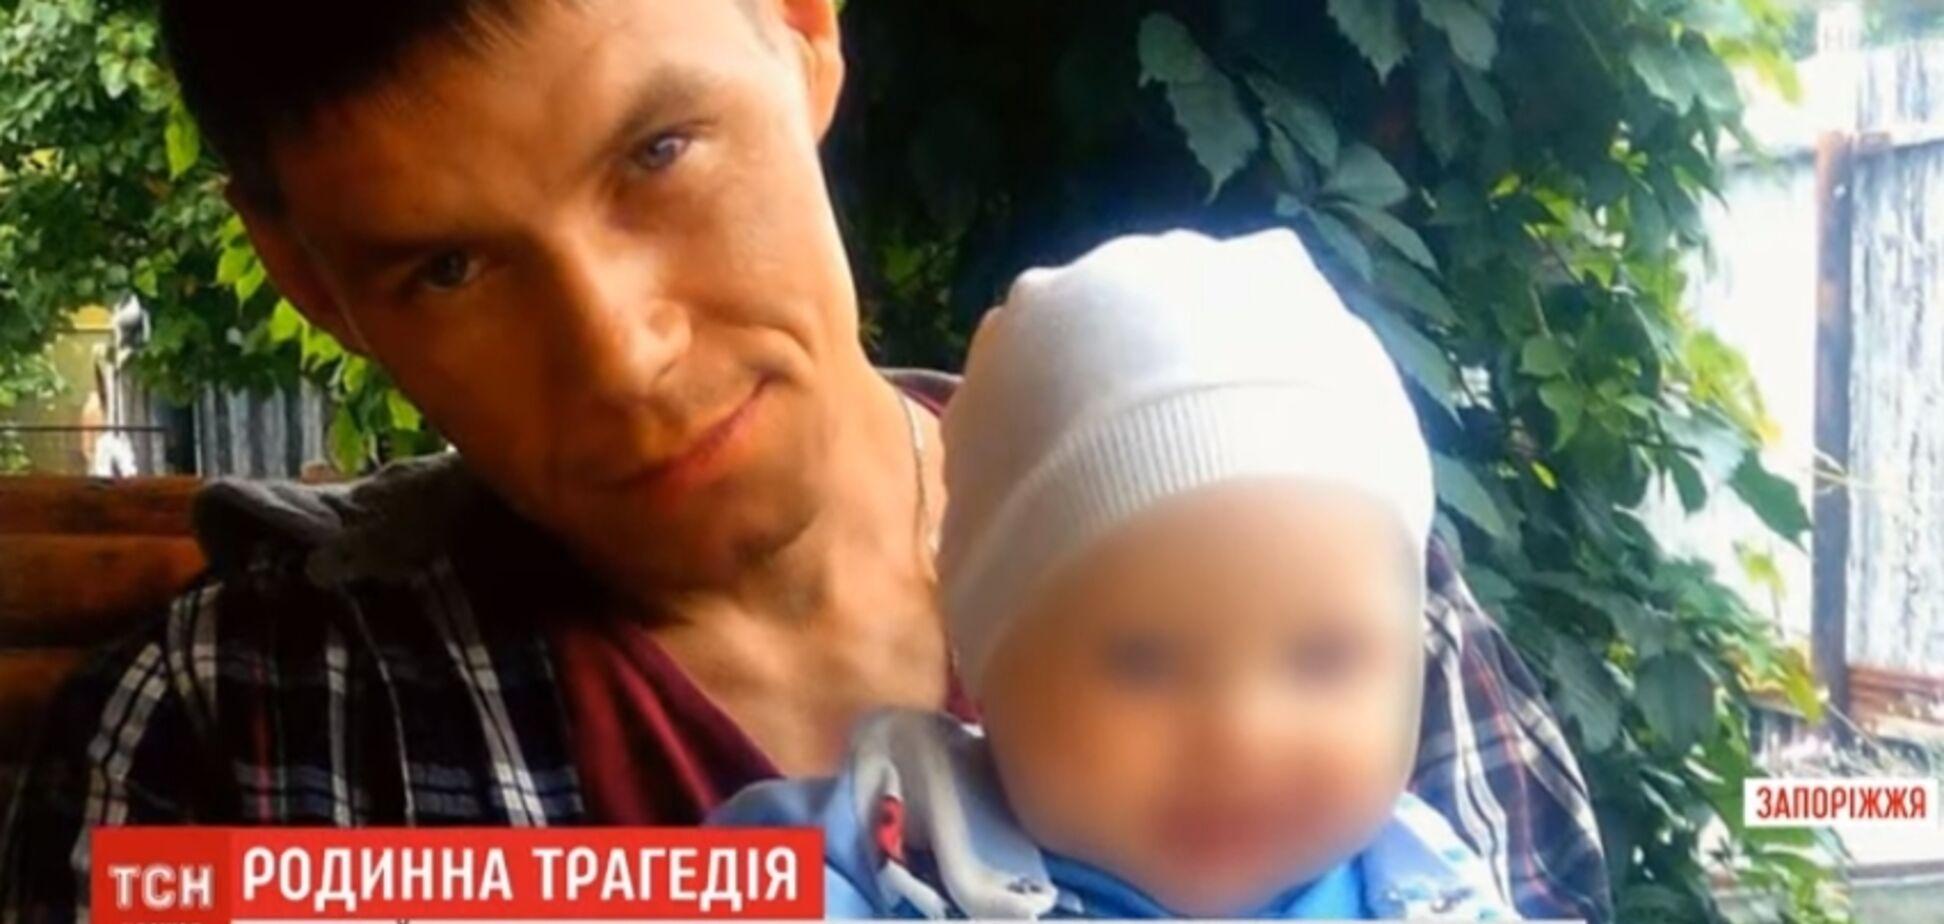 Зарубил жену топором, а сын выжил чудом: всплыли жуткие детали убийства в Запорожье